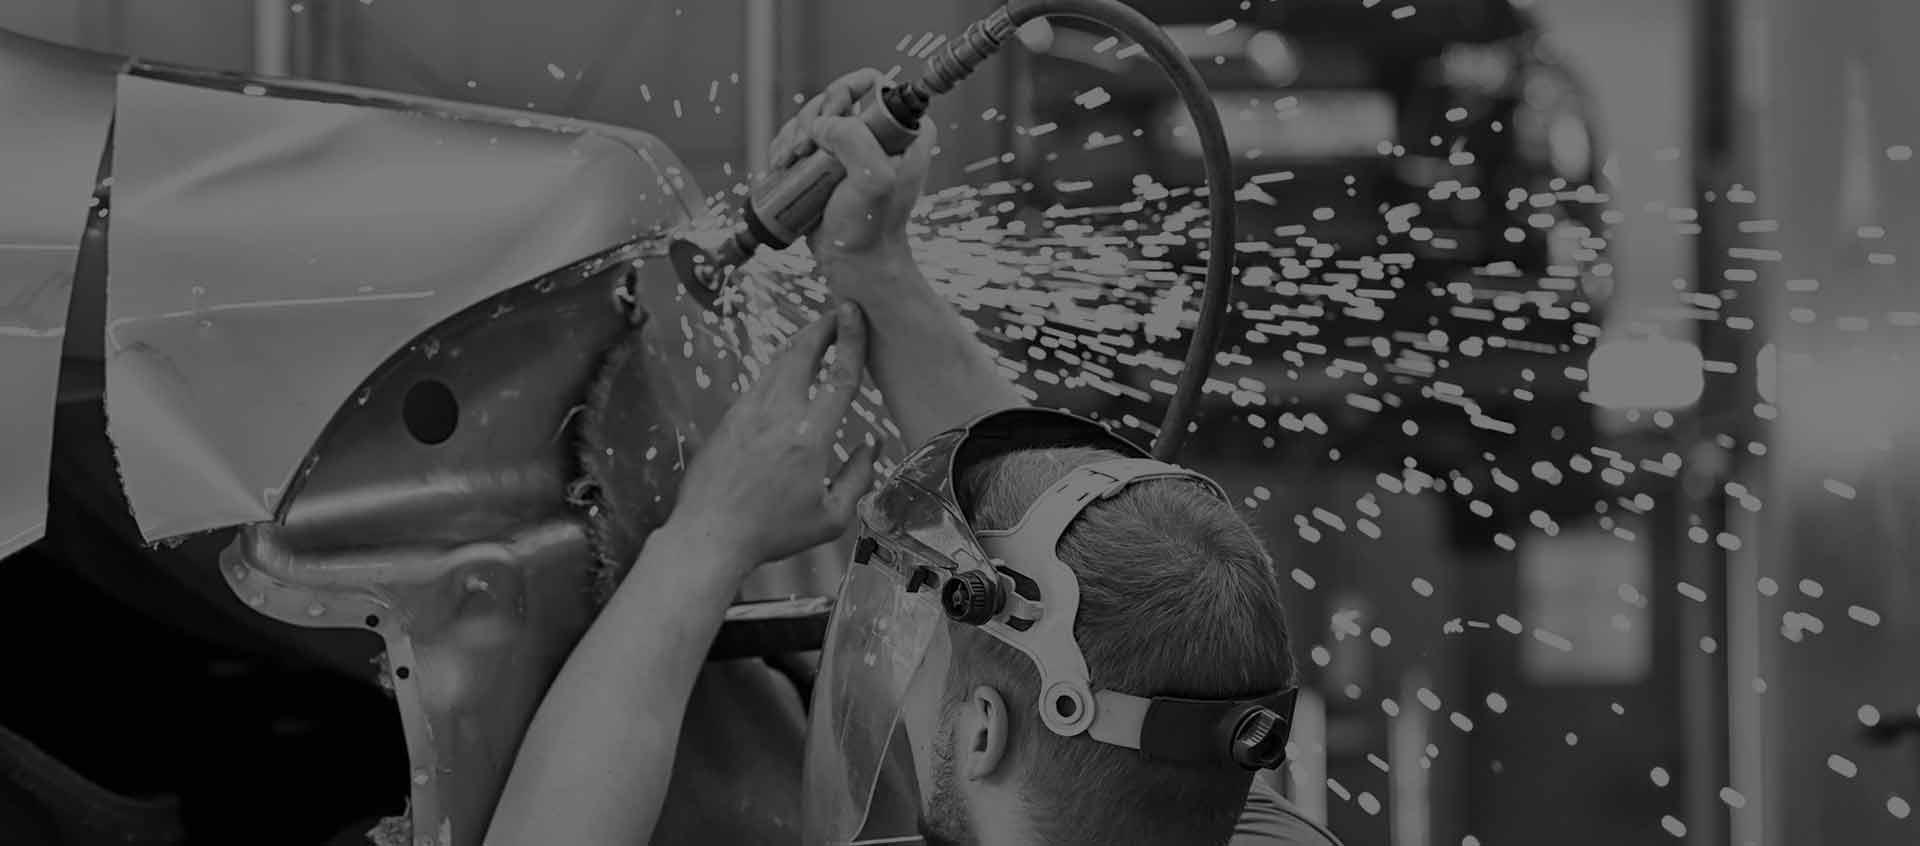 Karosseriebau - eine Handwerkskunst